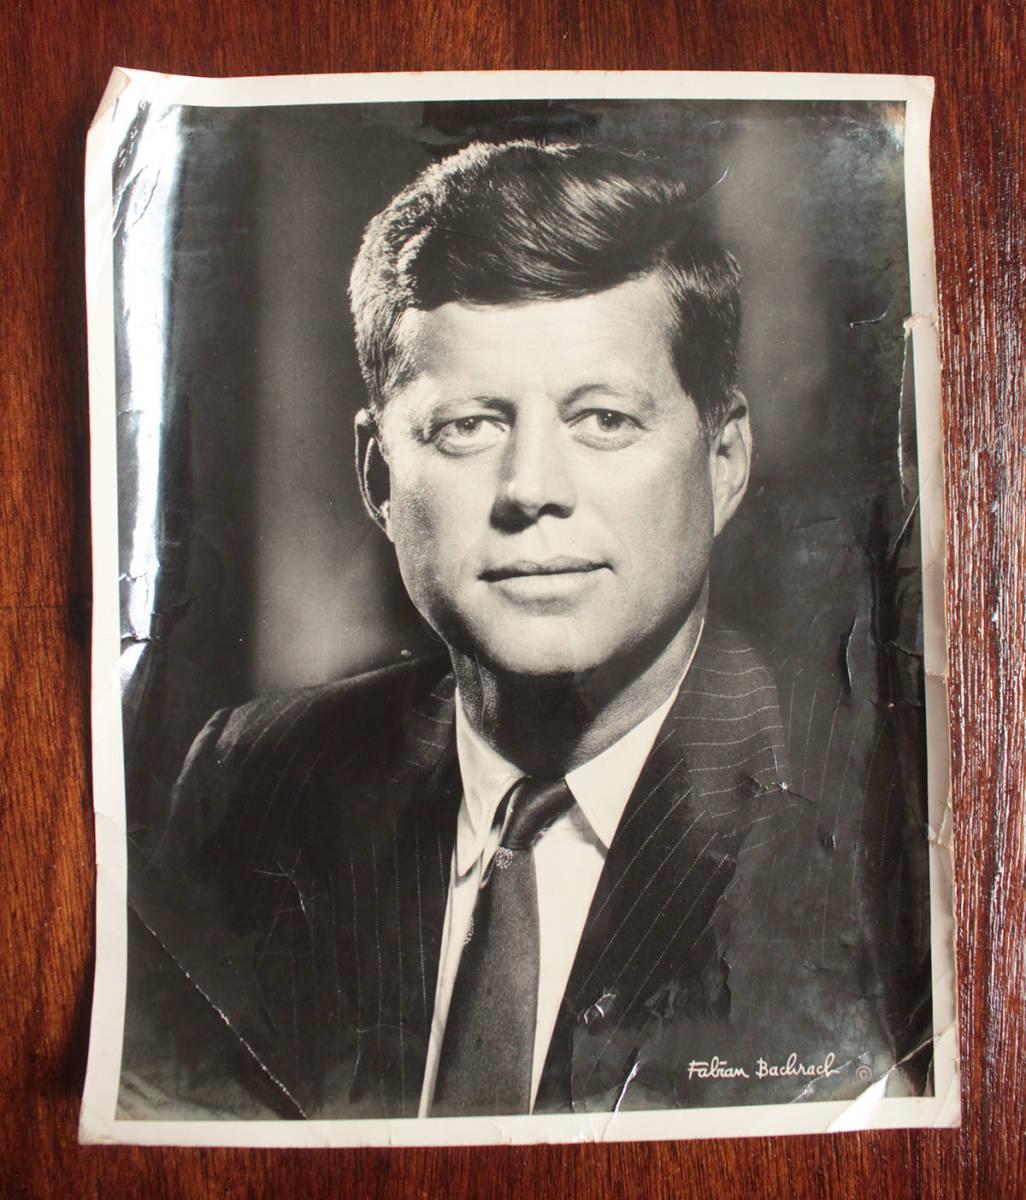 ジョン・F・ケネディ手紙 他5点一括 自筆署名書簡 肉筆サイン 大判ブロマイド 大統領選 上院議員 1960年 貴重資料 JFK ジャクリーン 兄弟_画像7